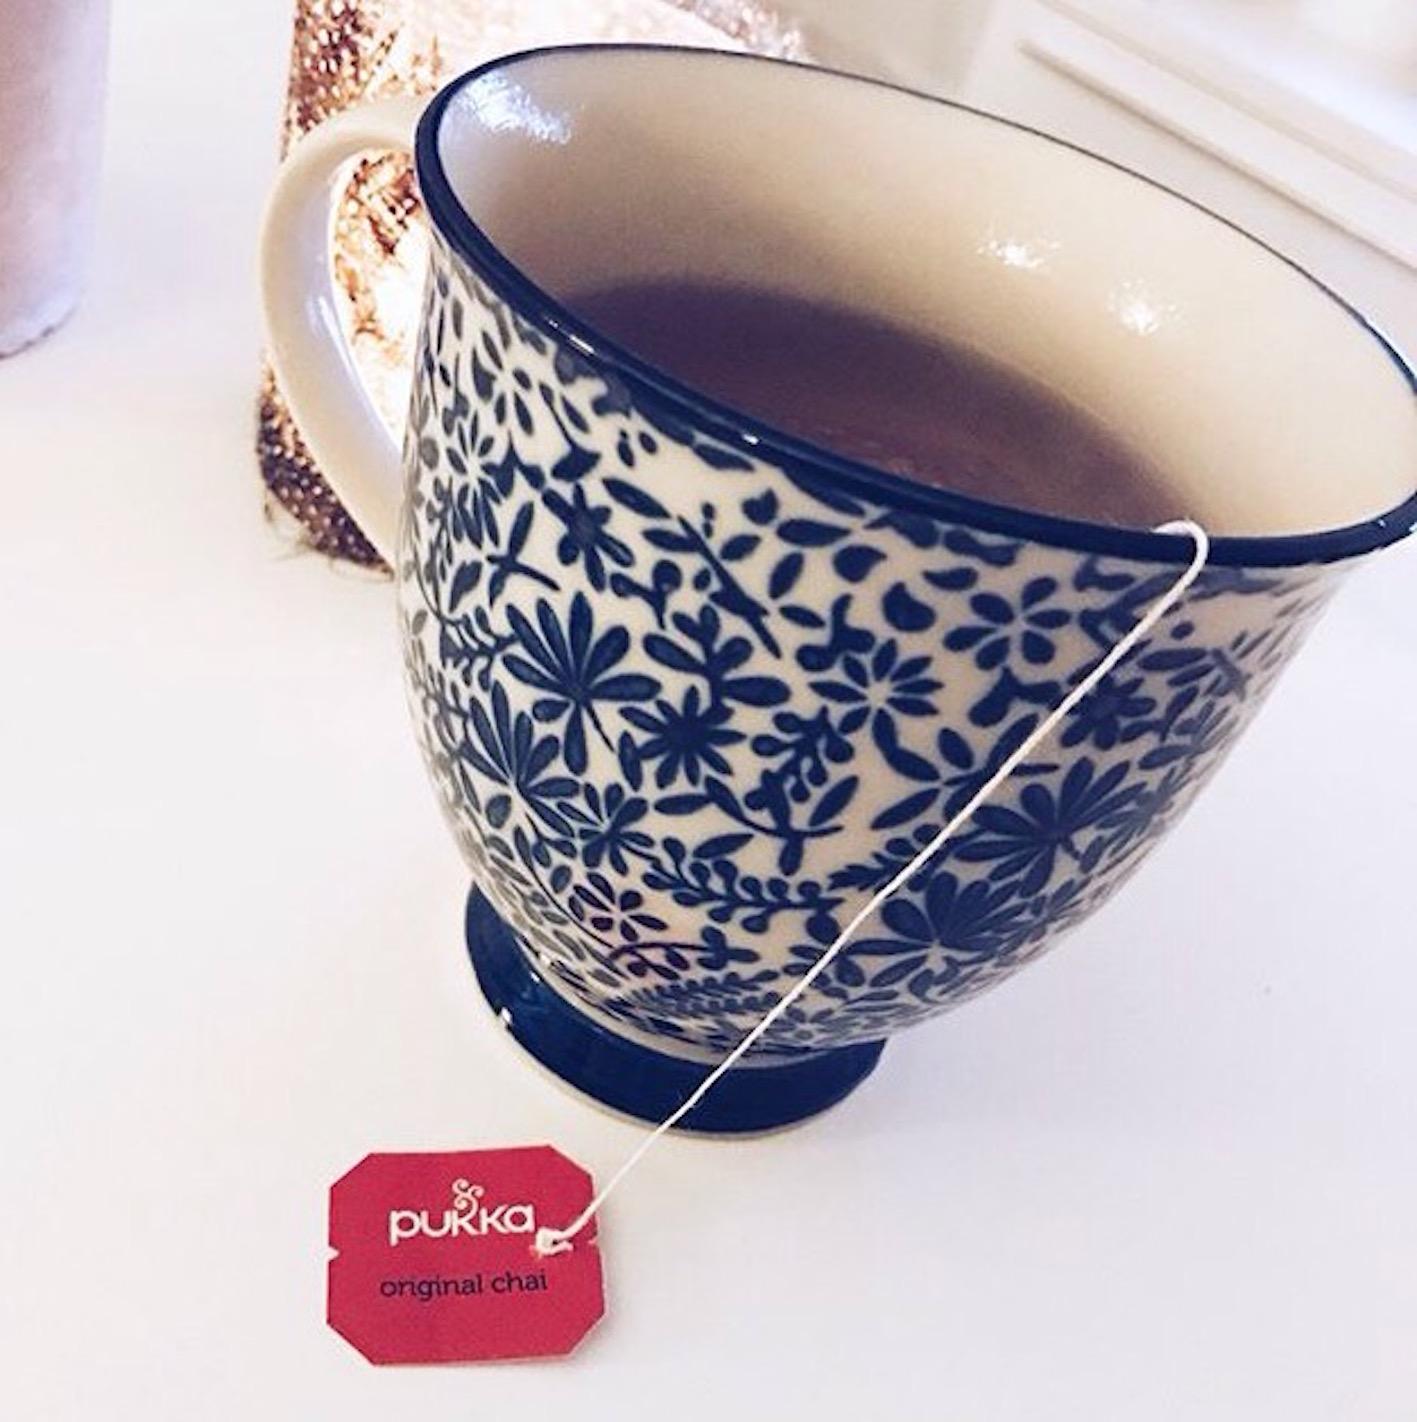 ekologiskt te - Pukka Tea